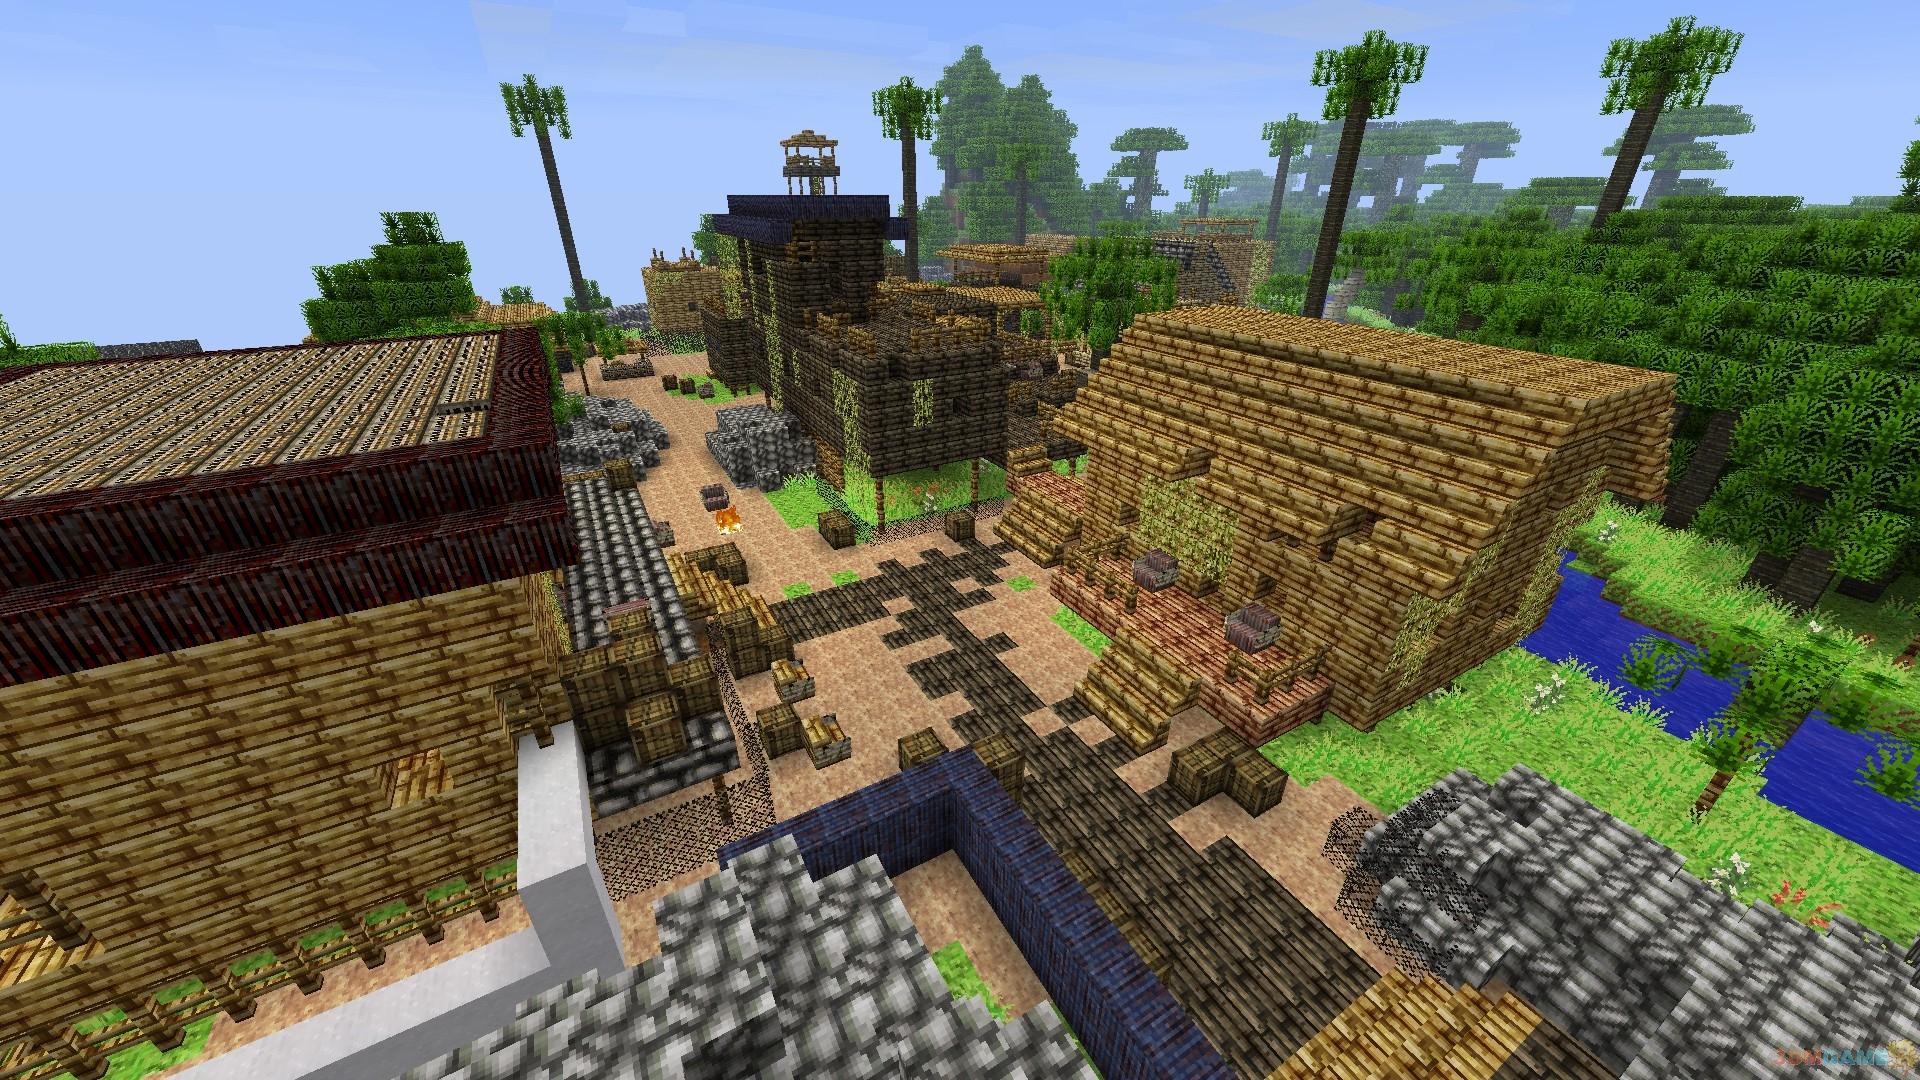 育碧官方制作《孤岛惊魂3》我的世界版mod下载公布